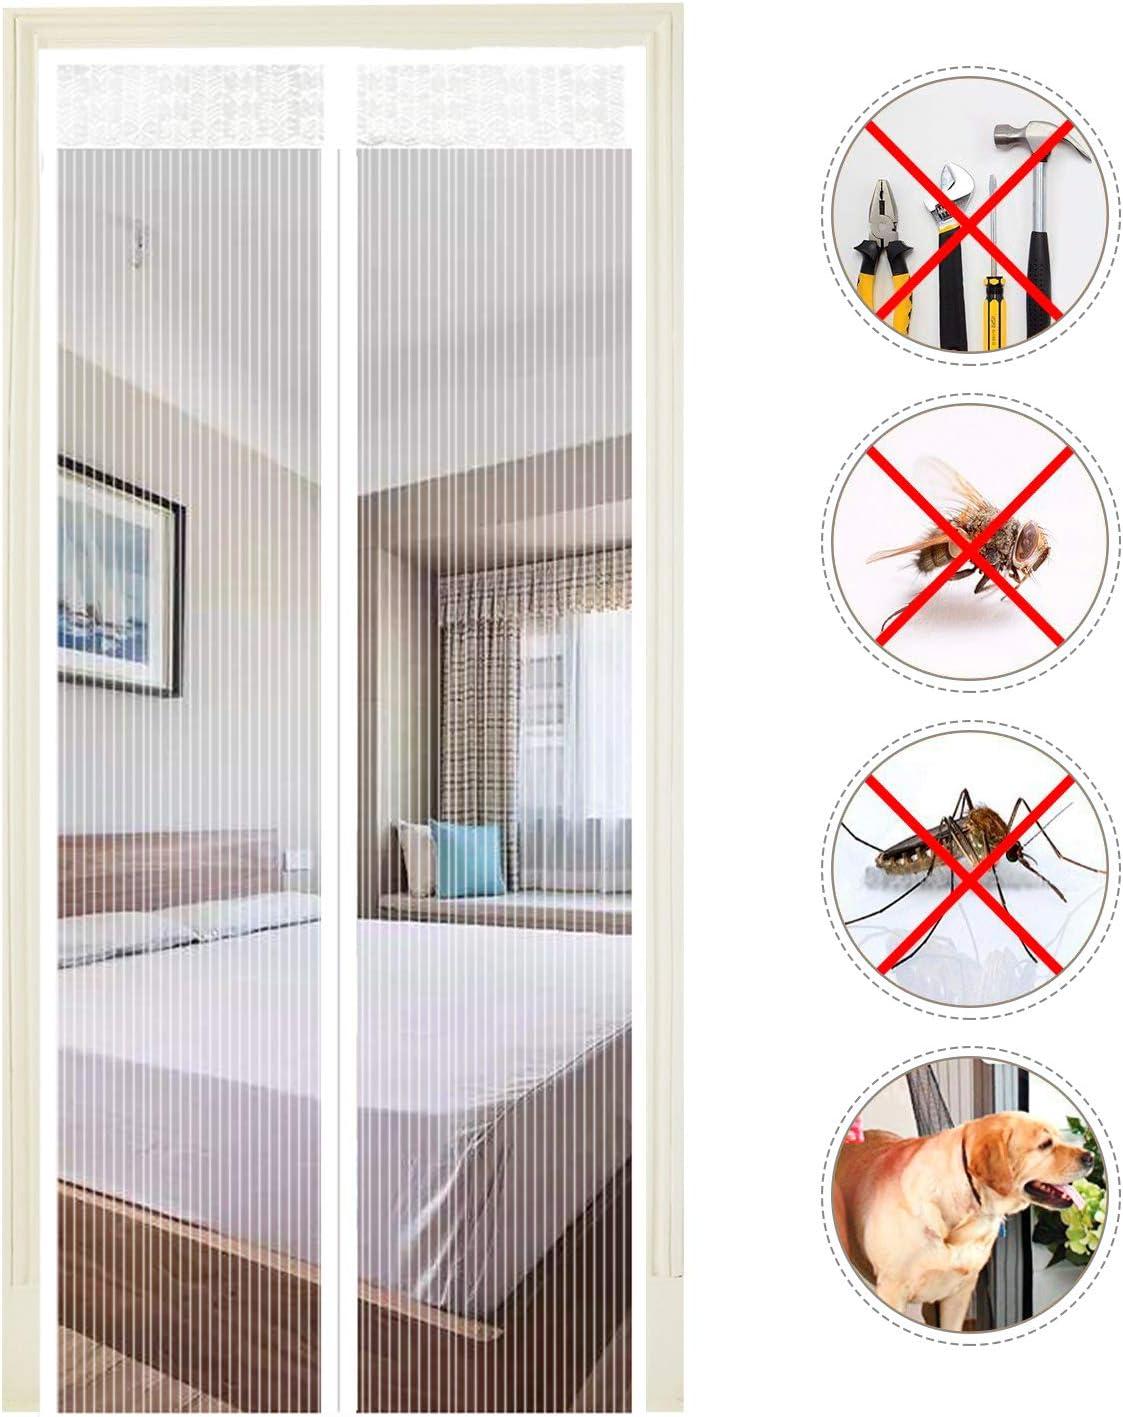 EXTSUD Mosquitera Puertas Cortina Mosquitera Magnética para Puertas Protección contra Insectos para Puerta de Balcón Sala de Estar Puerta de Patio, Blanco (90 x 210cm)